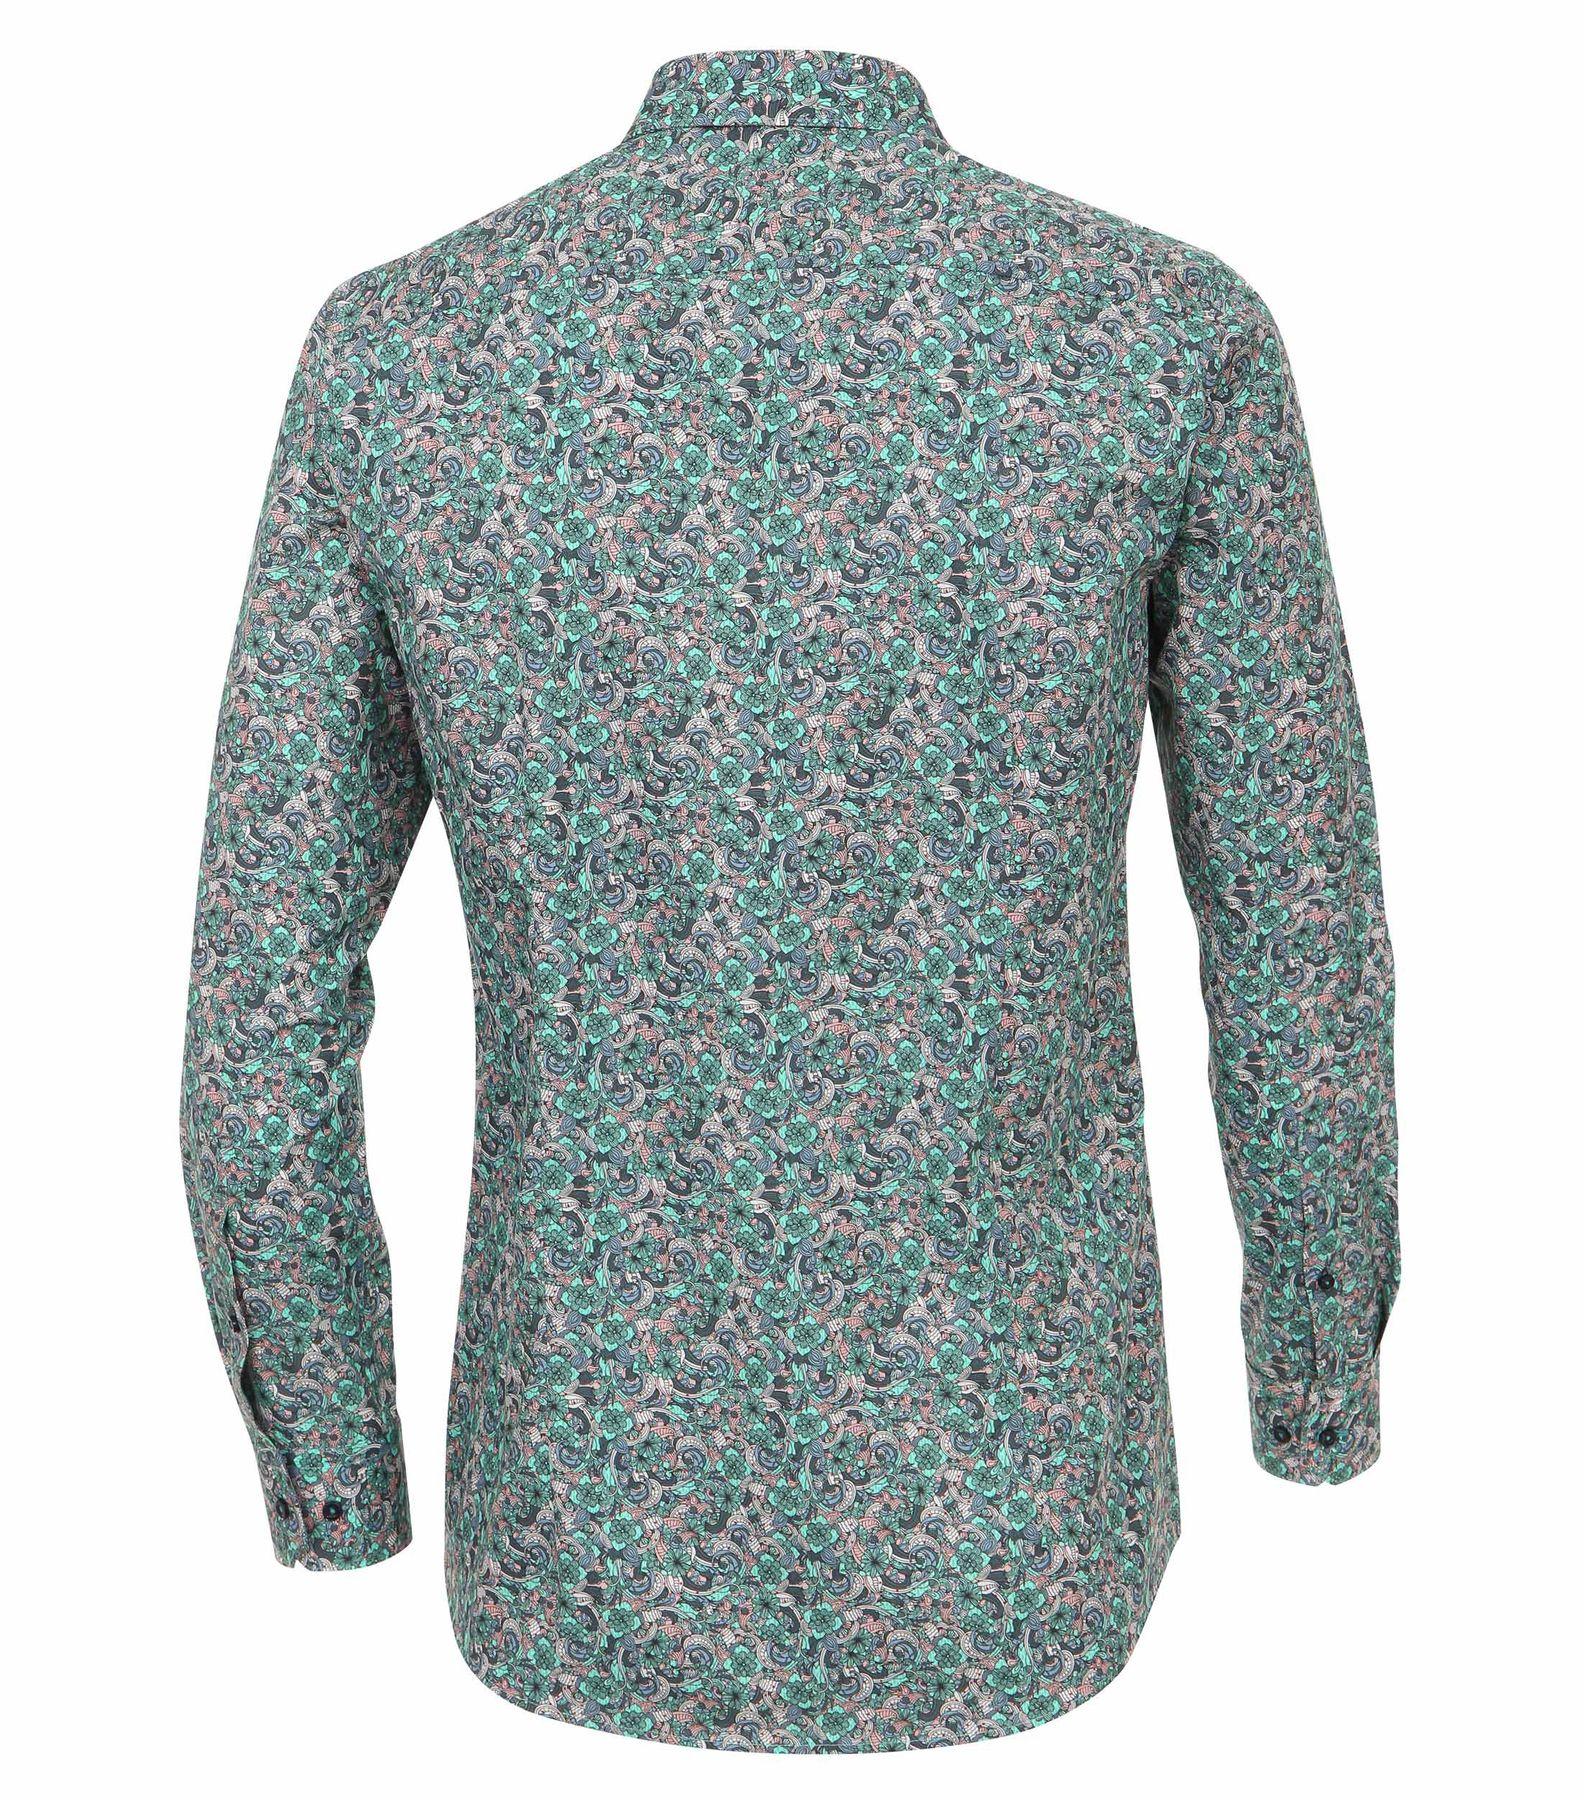 Venti - Slim Fit - Herren Hemd mit modischem Druck aus 100% Baumwolle mit Kent Kragen (172660200) – Bild 2